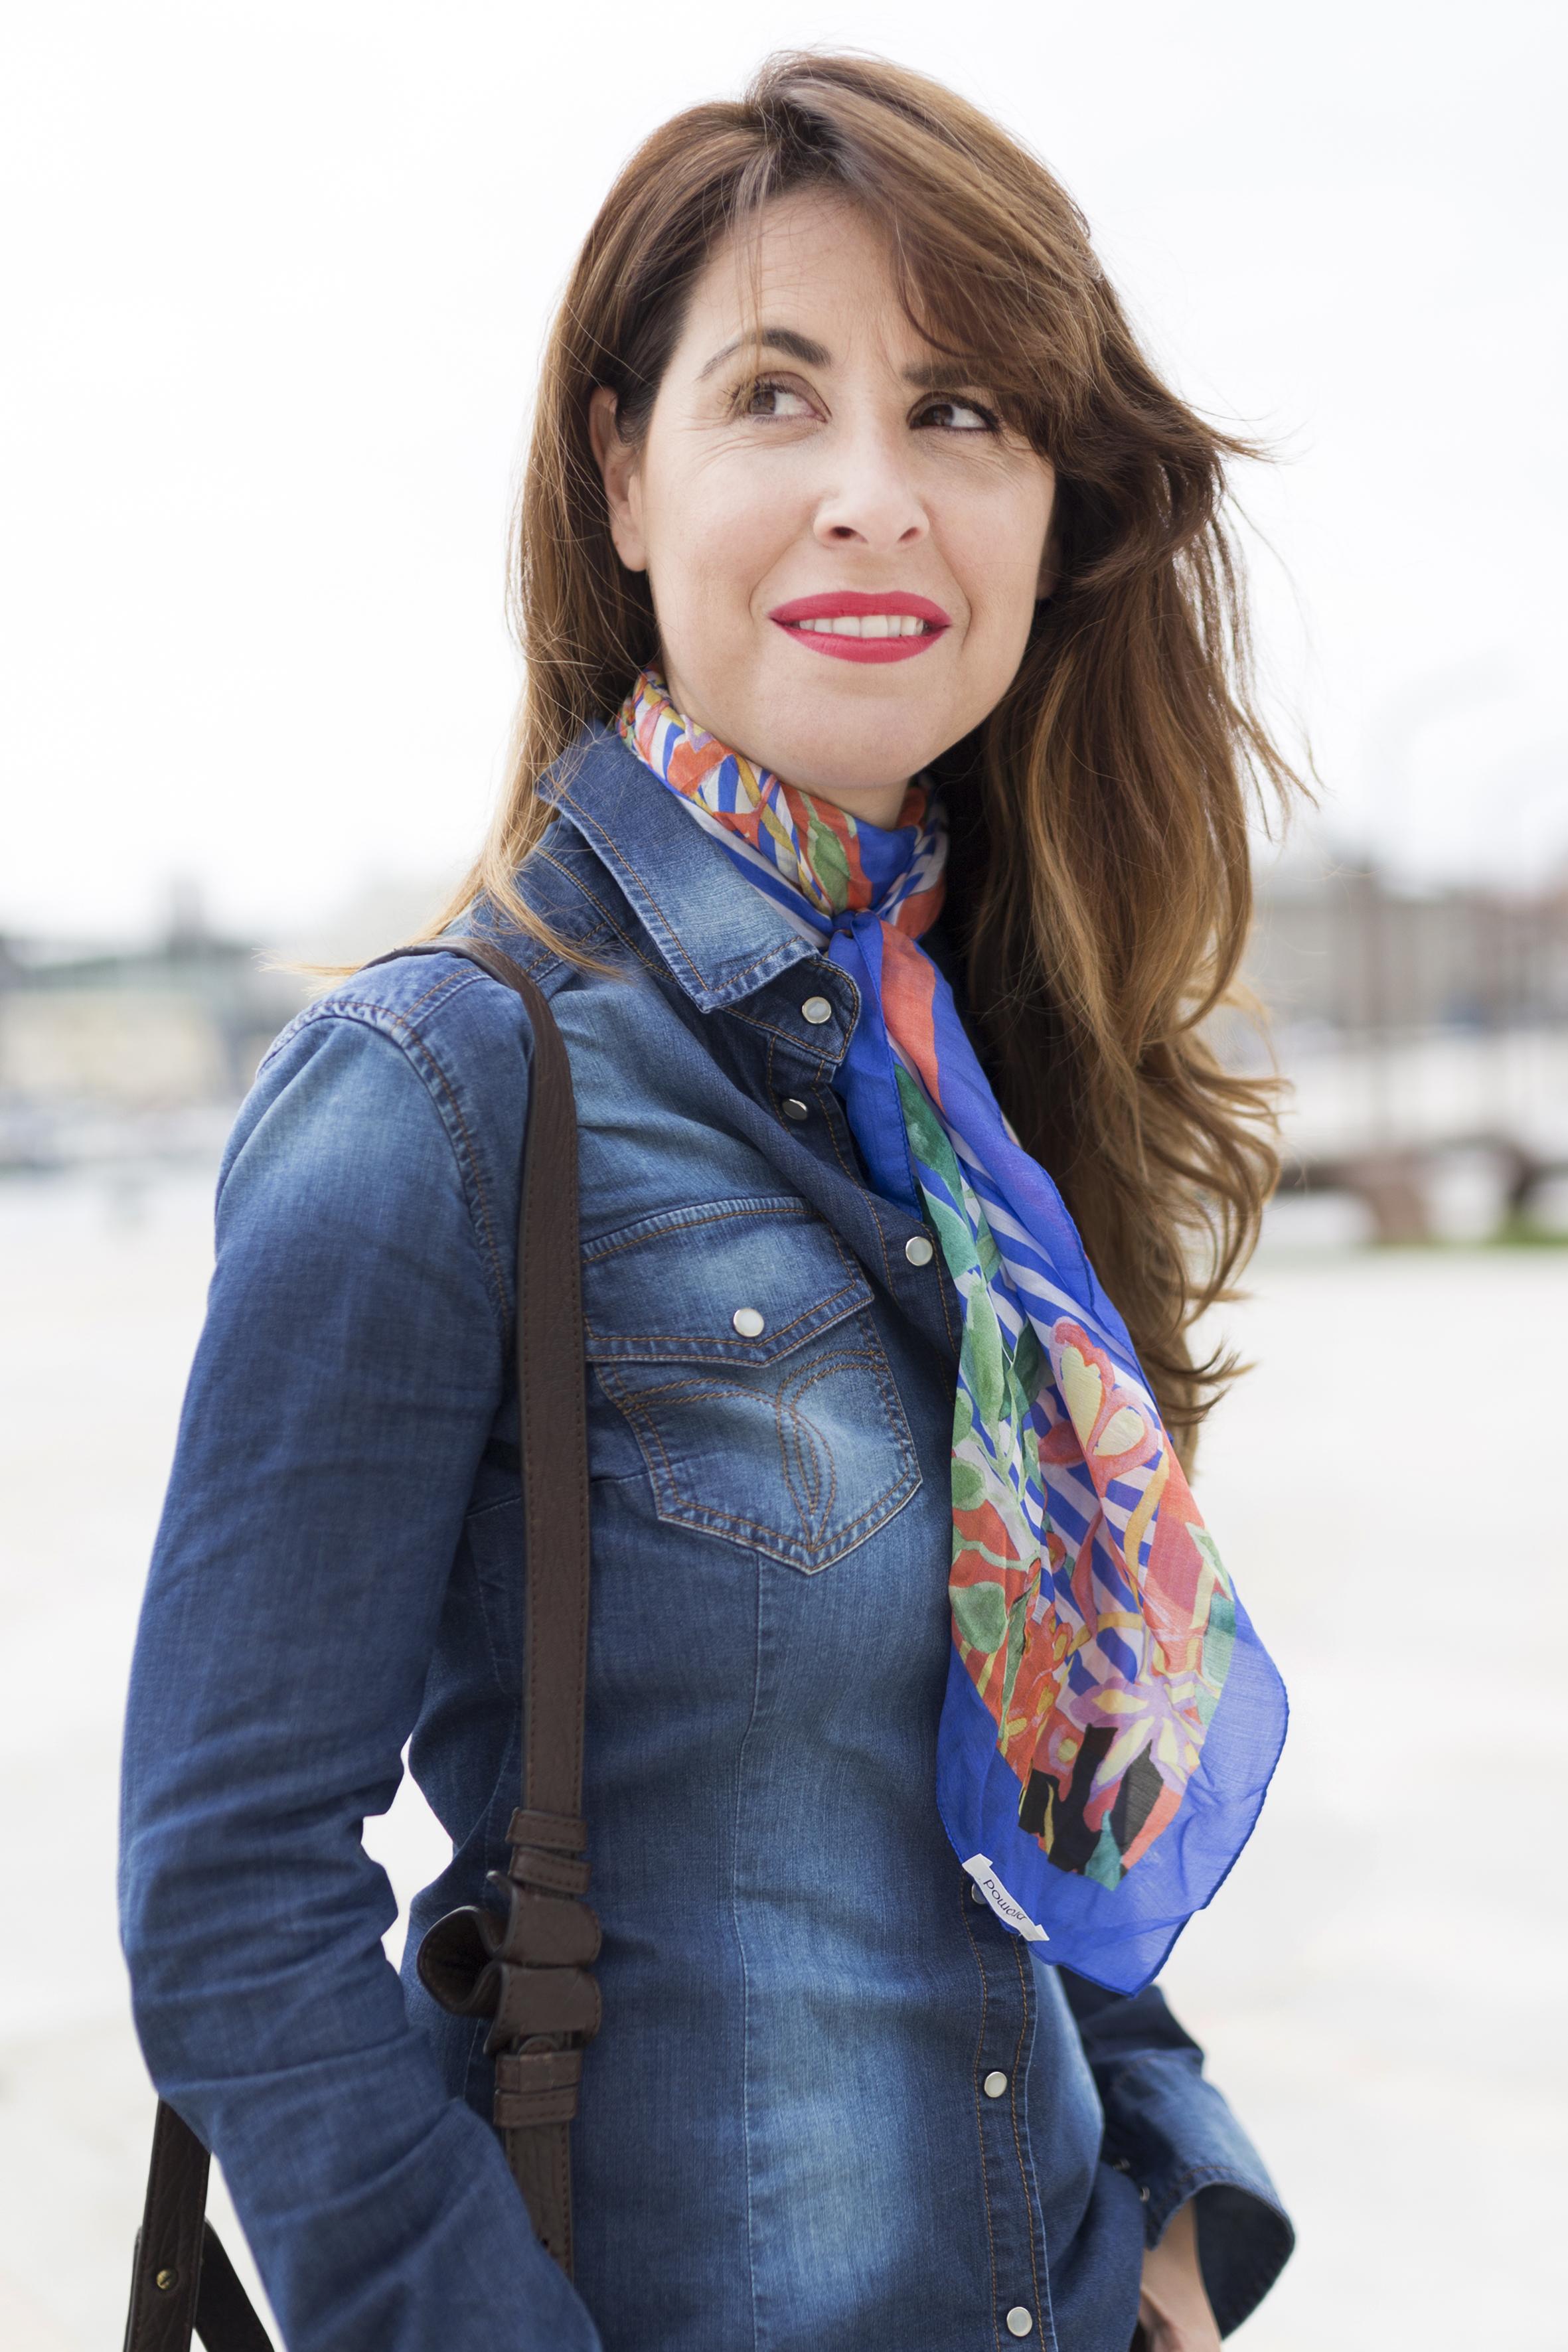 coruña-calle-fular de seda- streetstyle-moda-descalzaporelparque-la marina- regalo-denim-coruña- streetstyle-style- scarf-promod